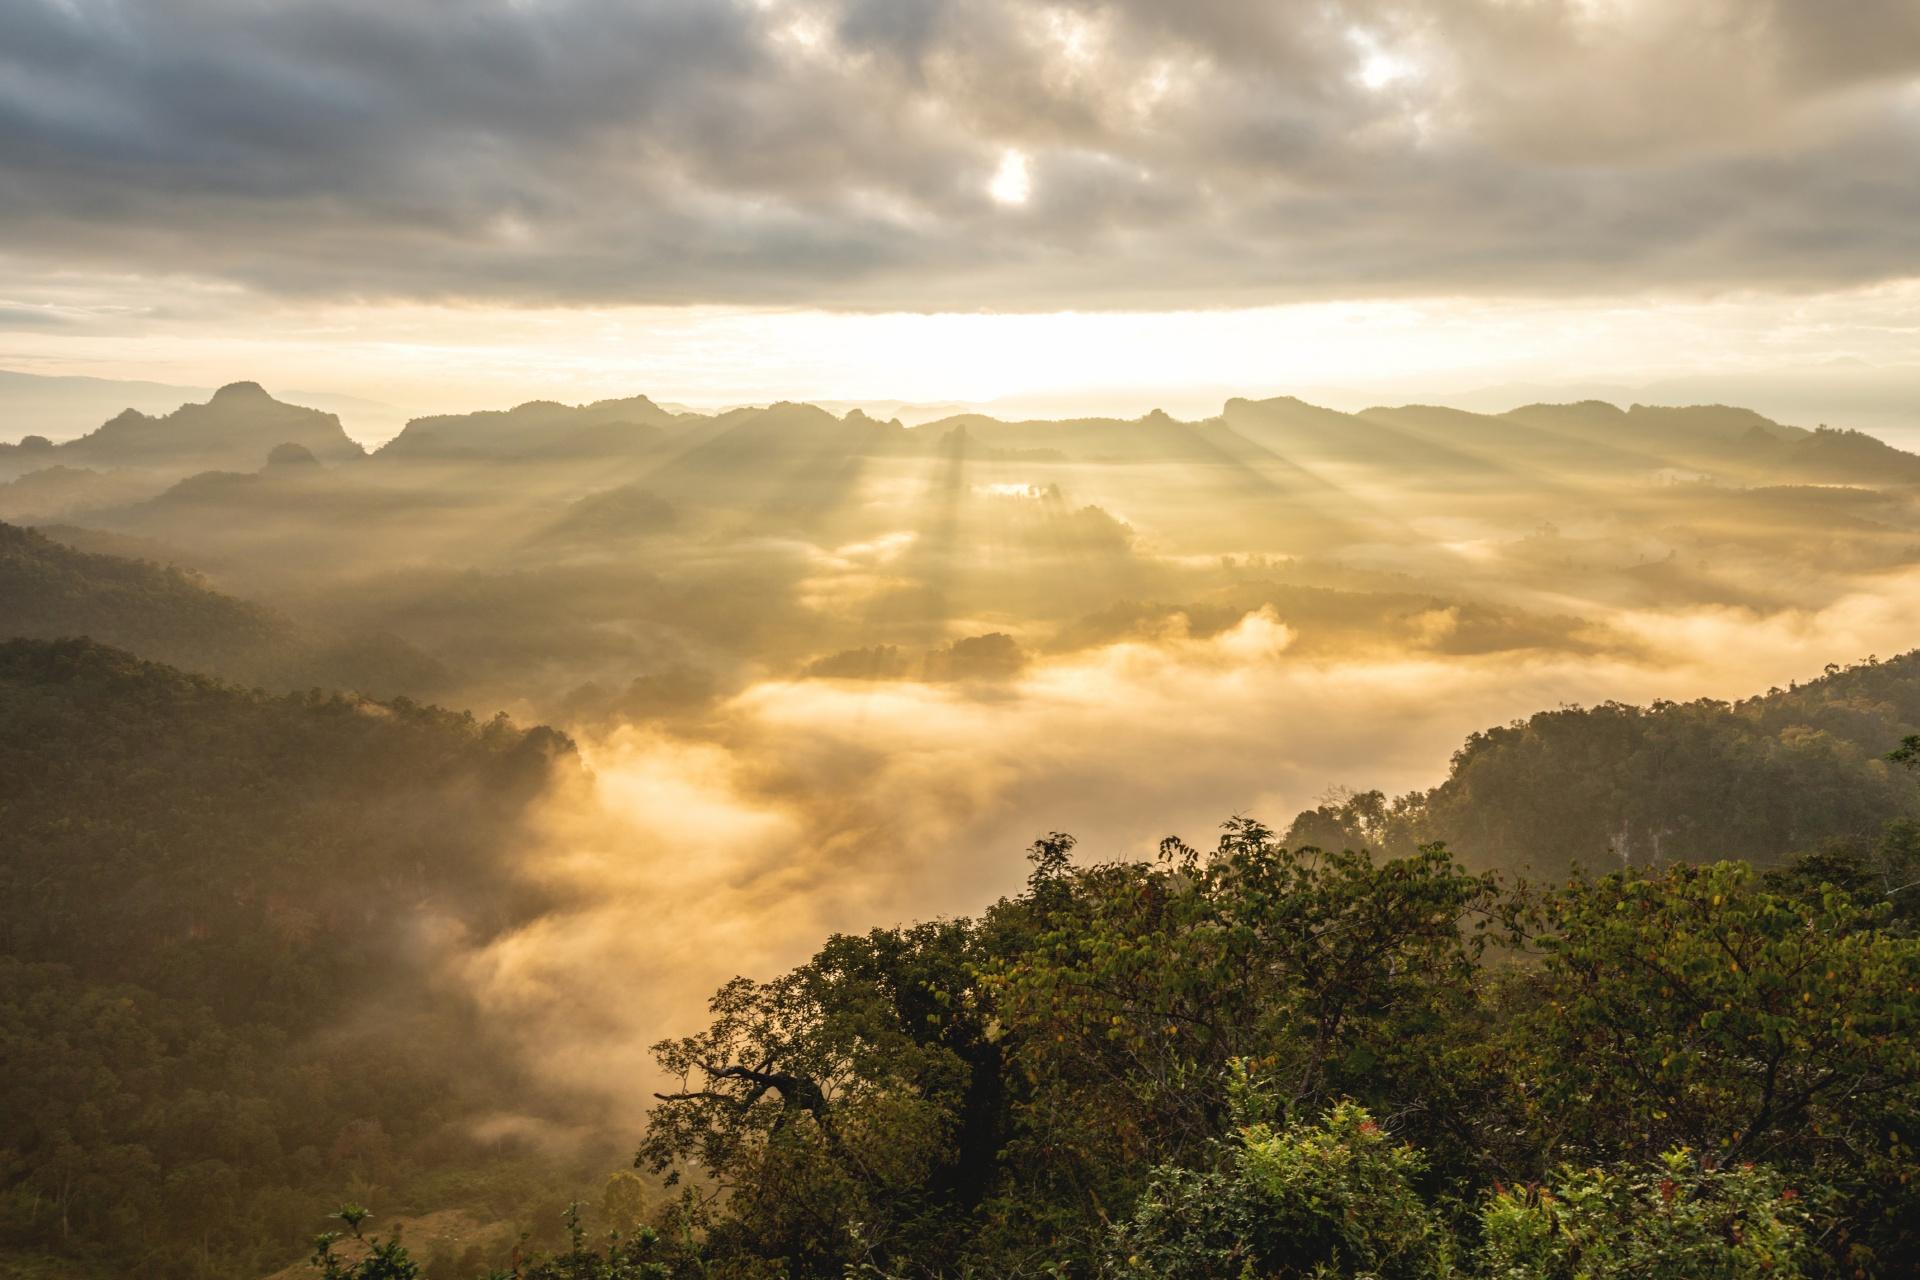 幻想的な雲海と光の風景 メーホンソーン タイの風景